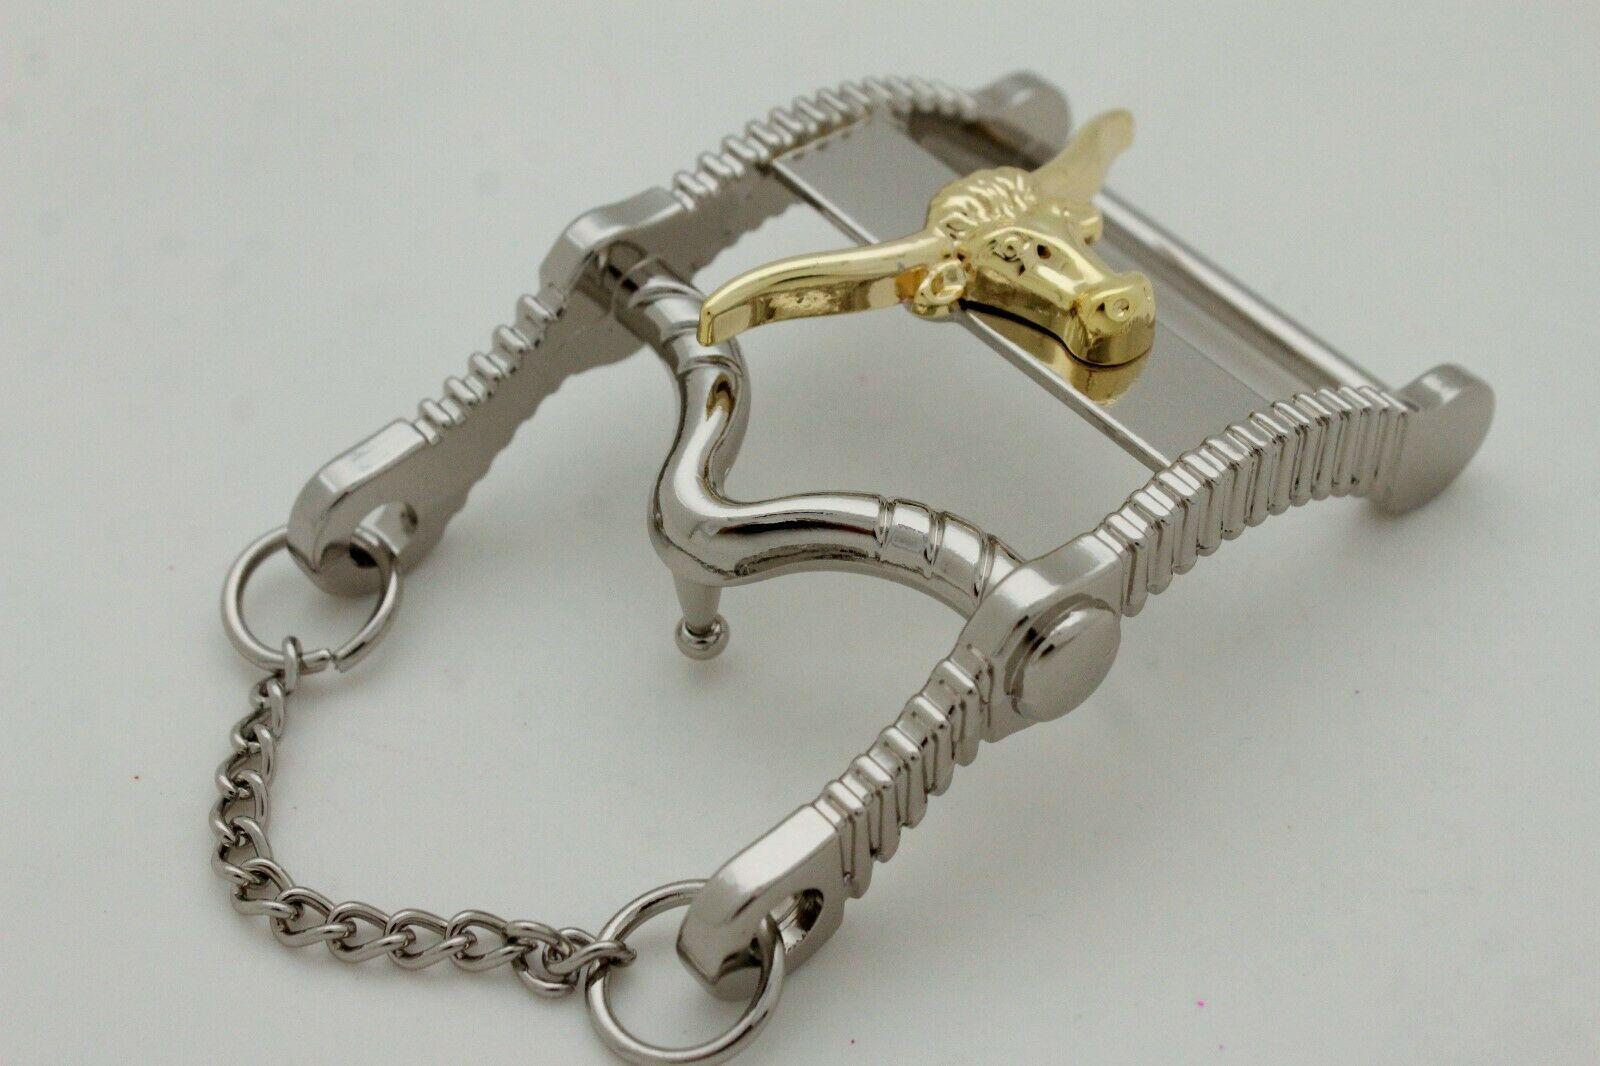 Herren Freizeit Western Cowboy Gürtelschnalle Silber Metall Lang Horn Kuh Gold image 7